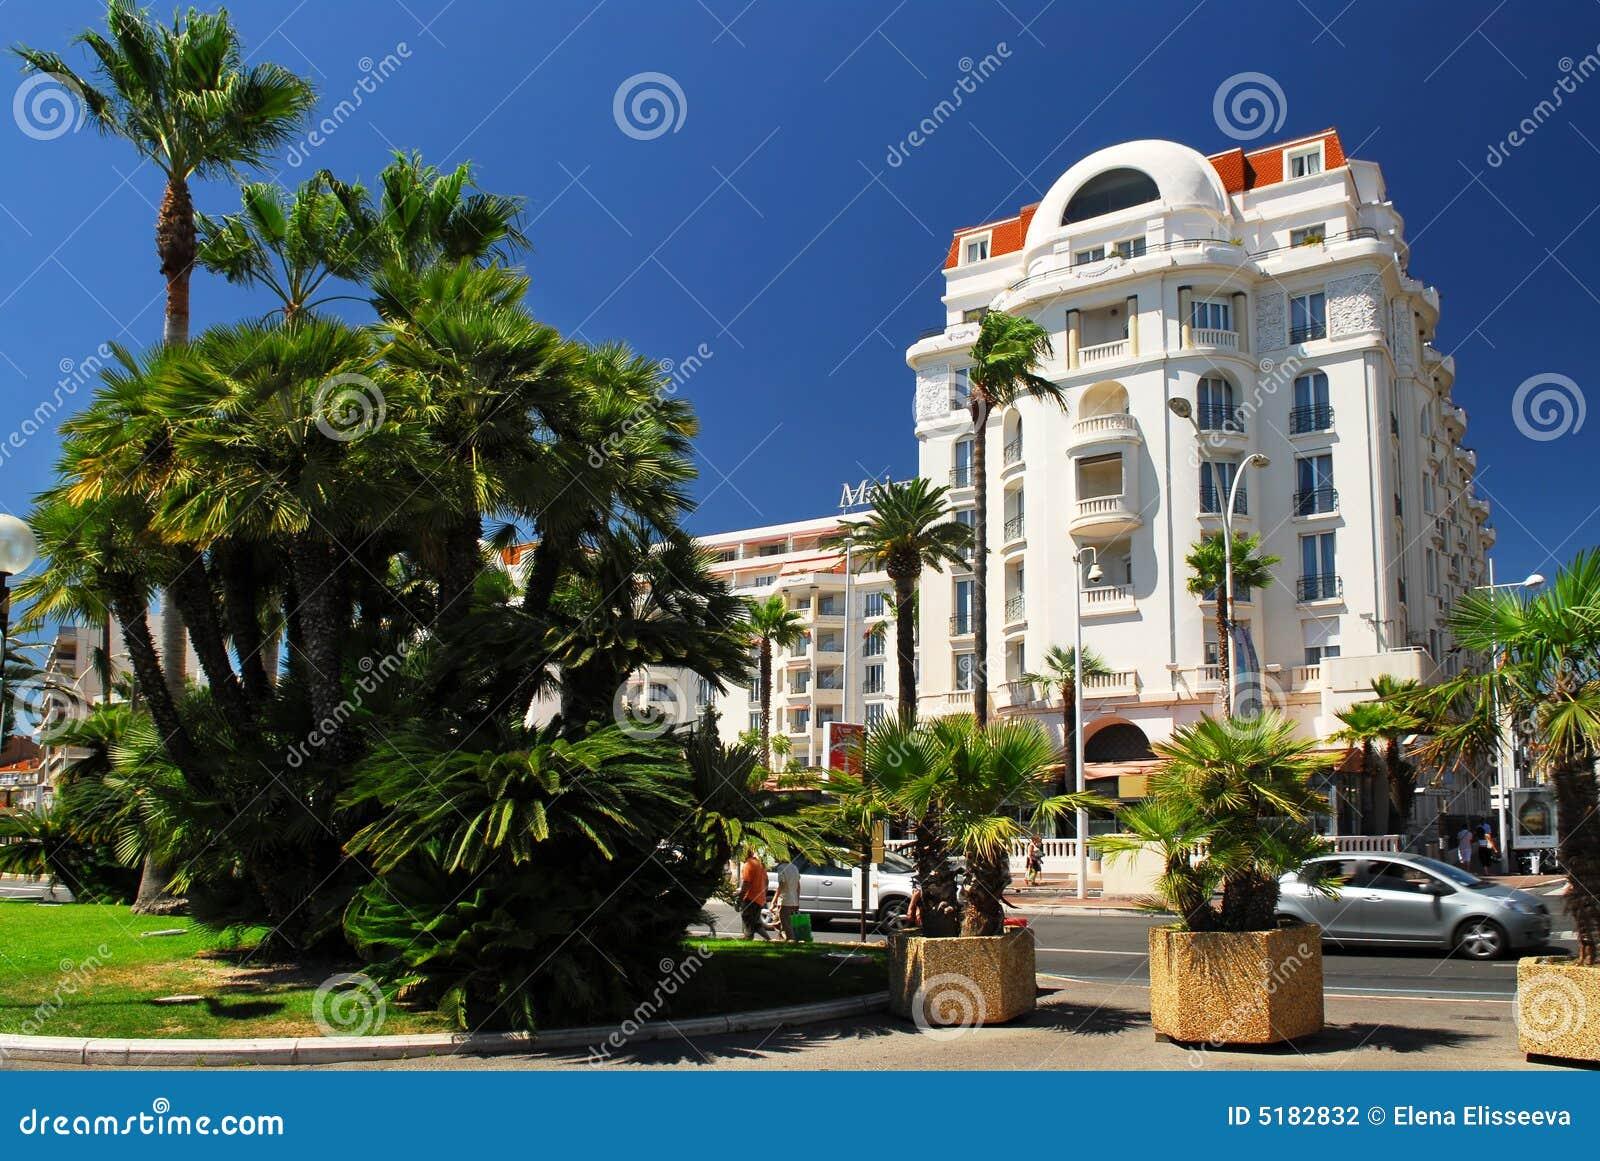 De promenade van Croisette in Cannes